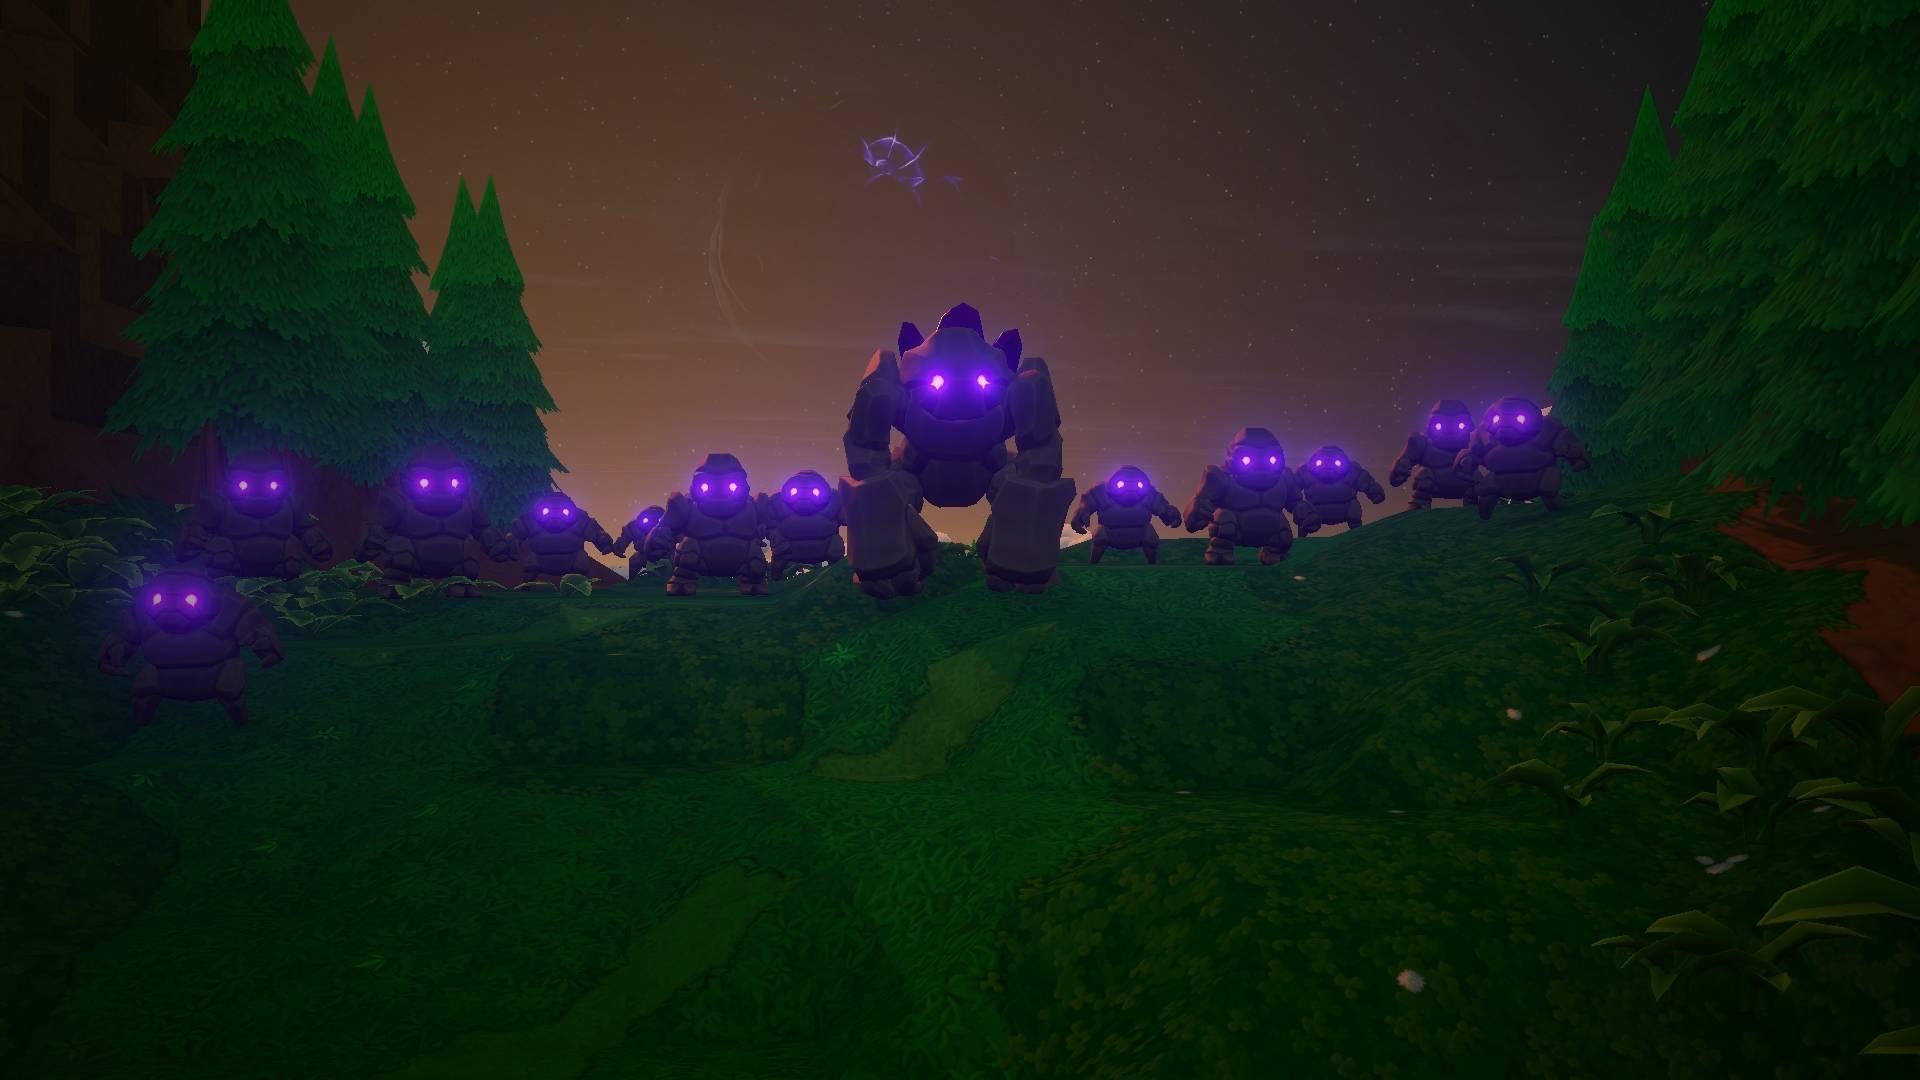 5-gier-podobnych-do-minecraft-castle-story-2.jpg